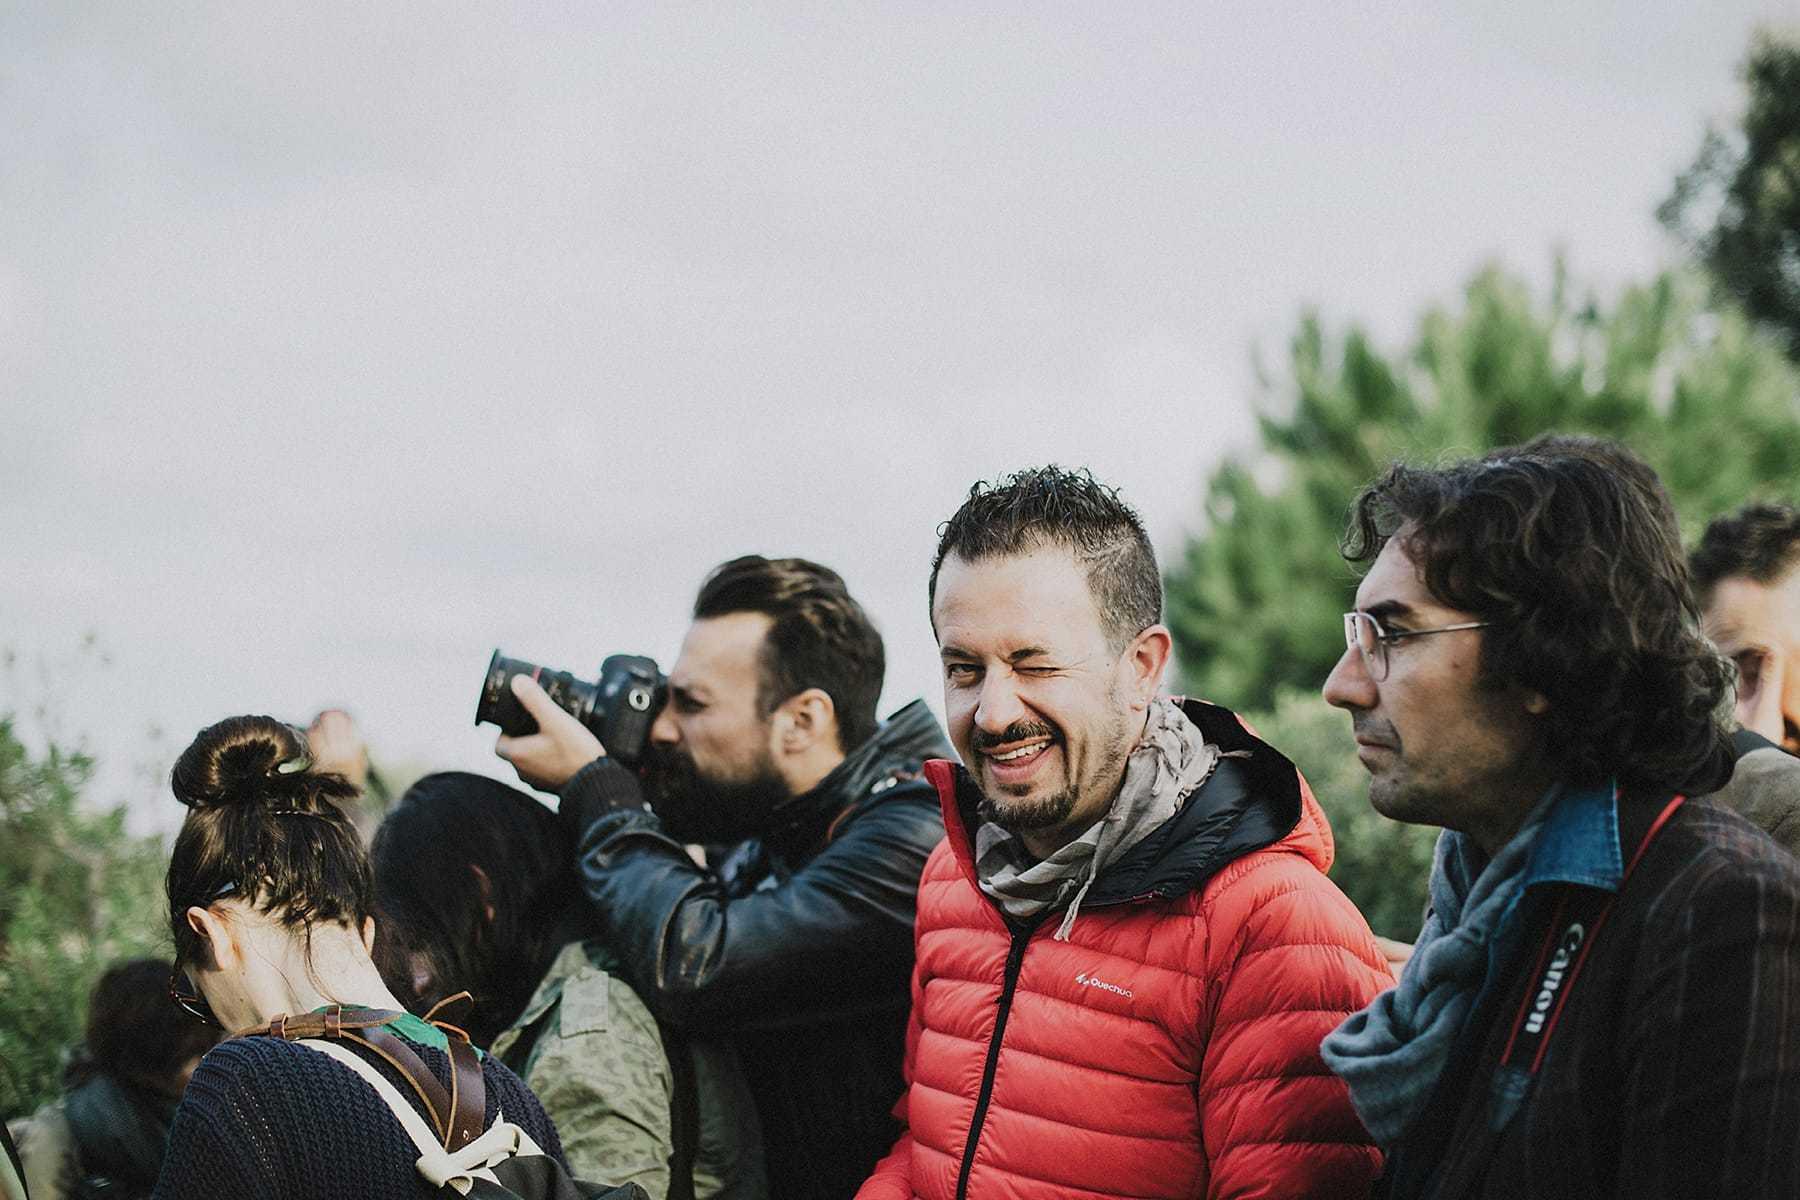 hilario_sanchez_fotografo_boda_ostuni_italia_080